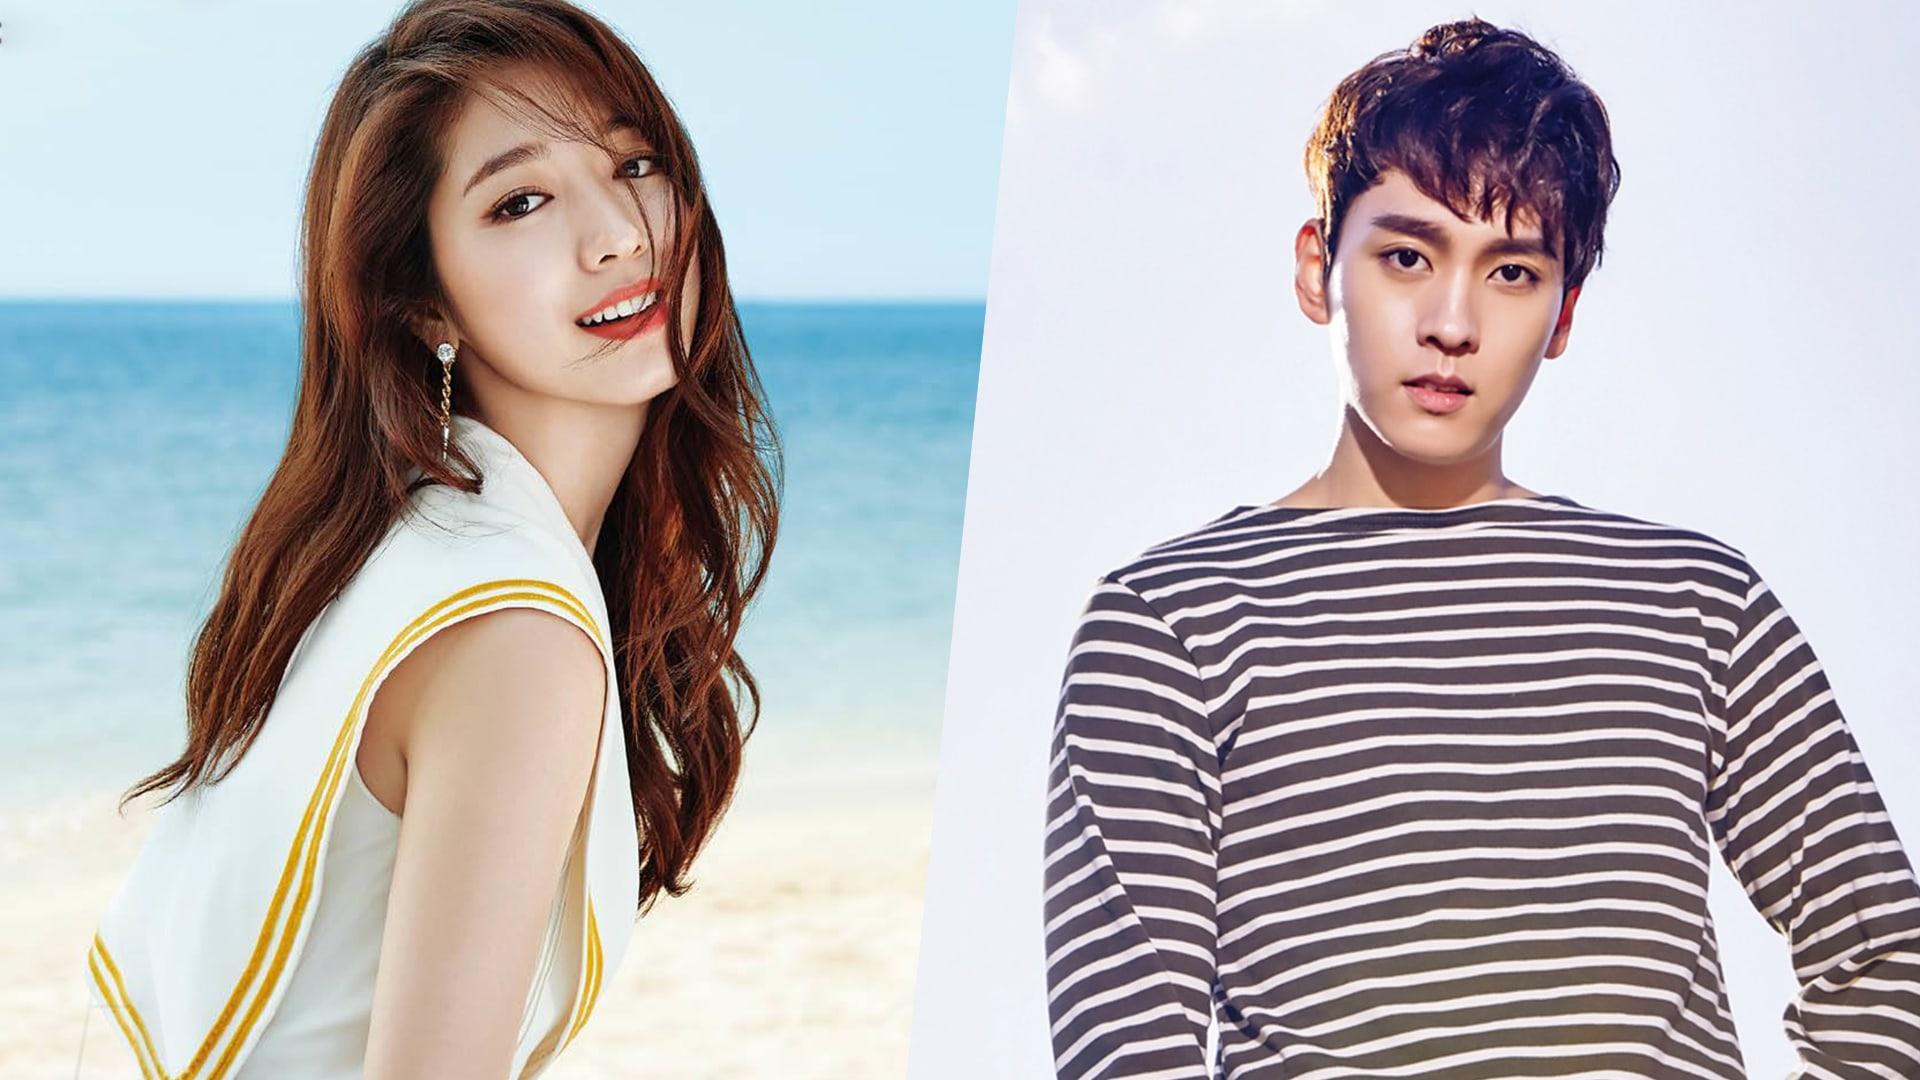 Shin hye dating